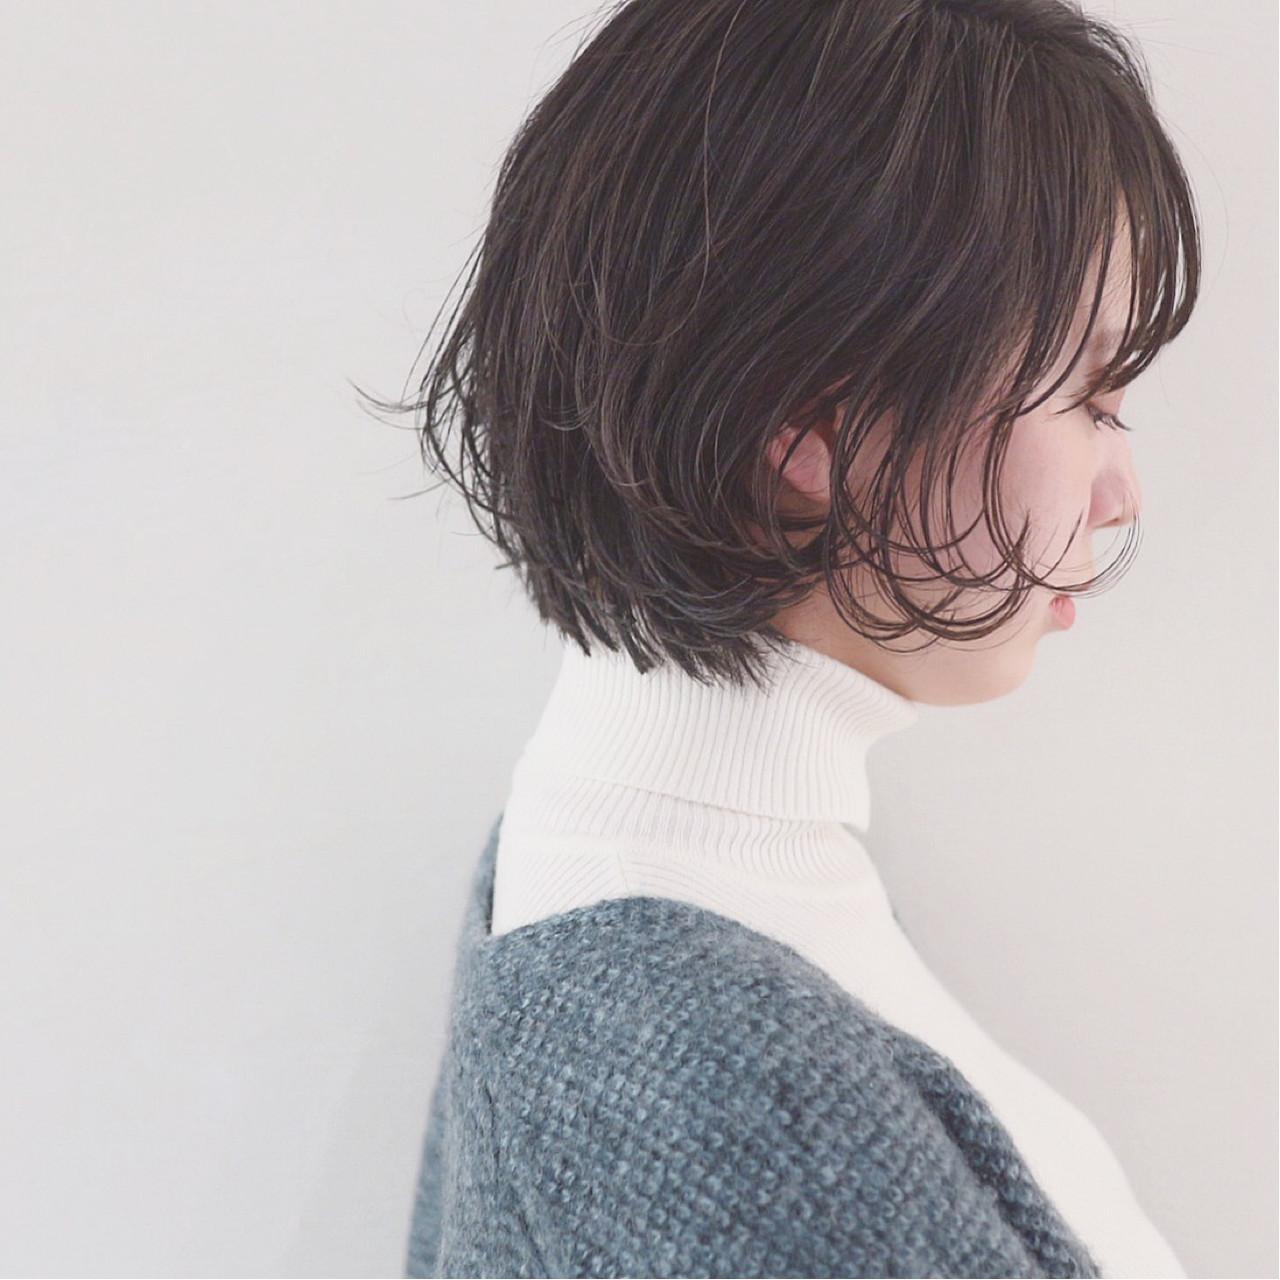 顔周りにハラリと落ちる髪で丸顔をオシャレにカバー 三好 佳奈美